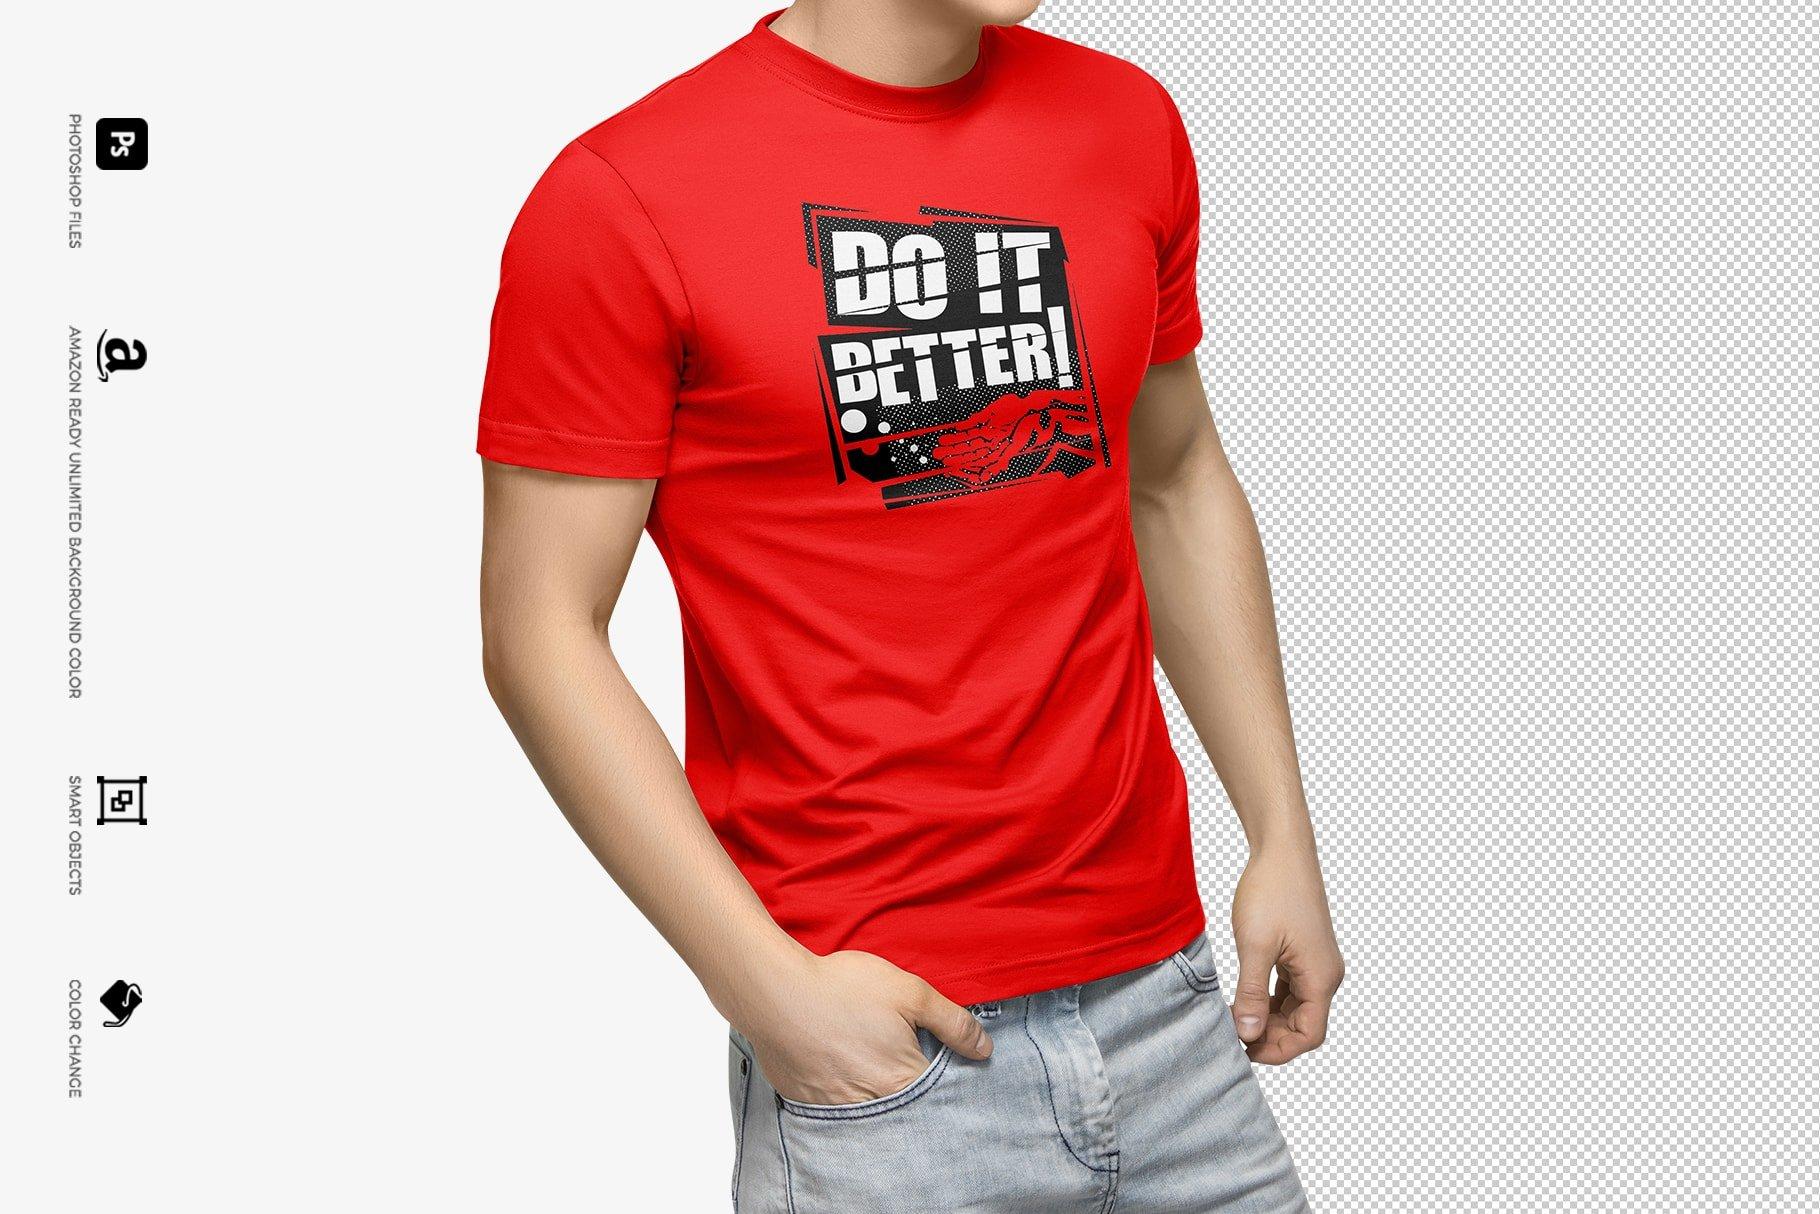 Realistic-T-Shirt-Mockup-www.mockuphill.com